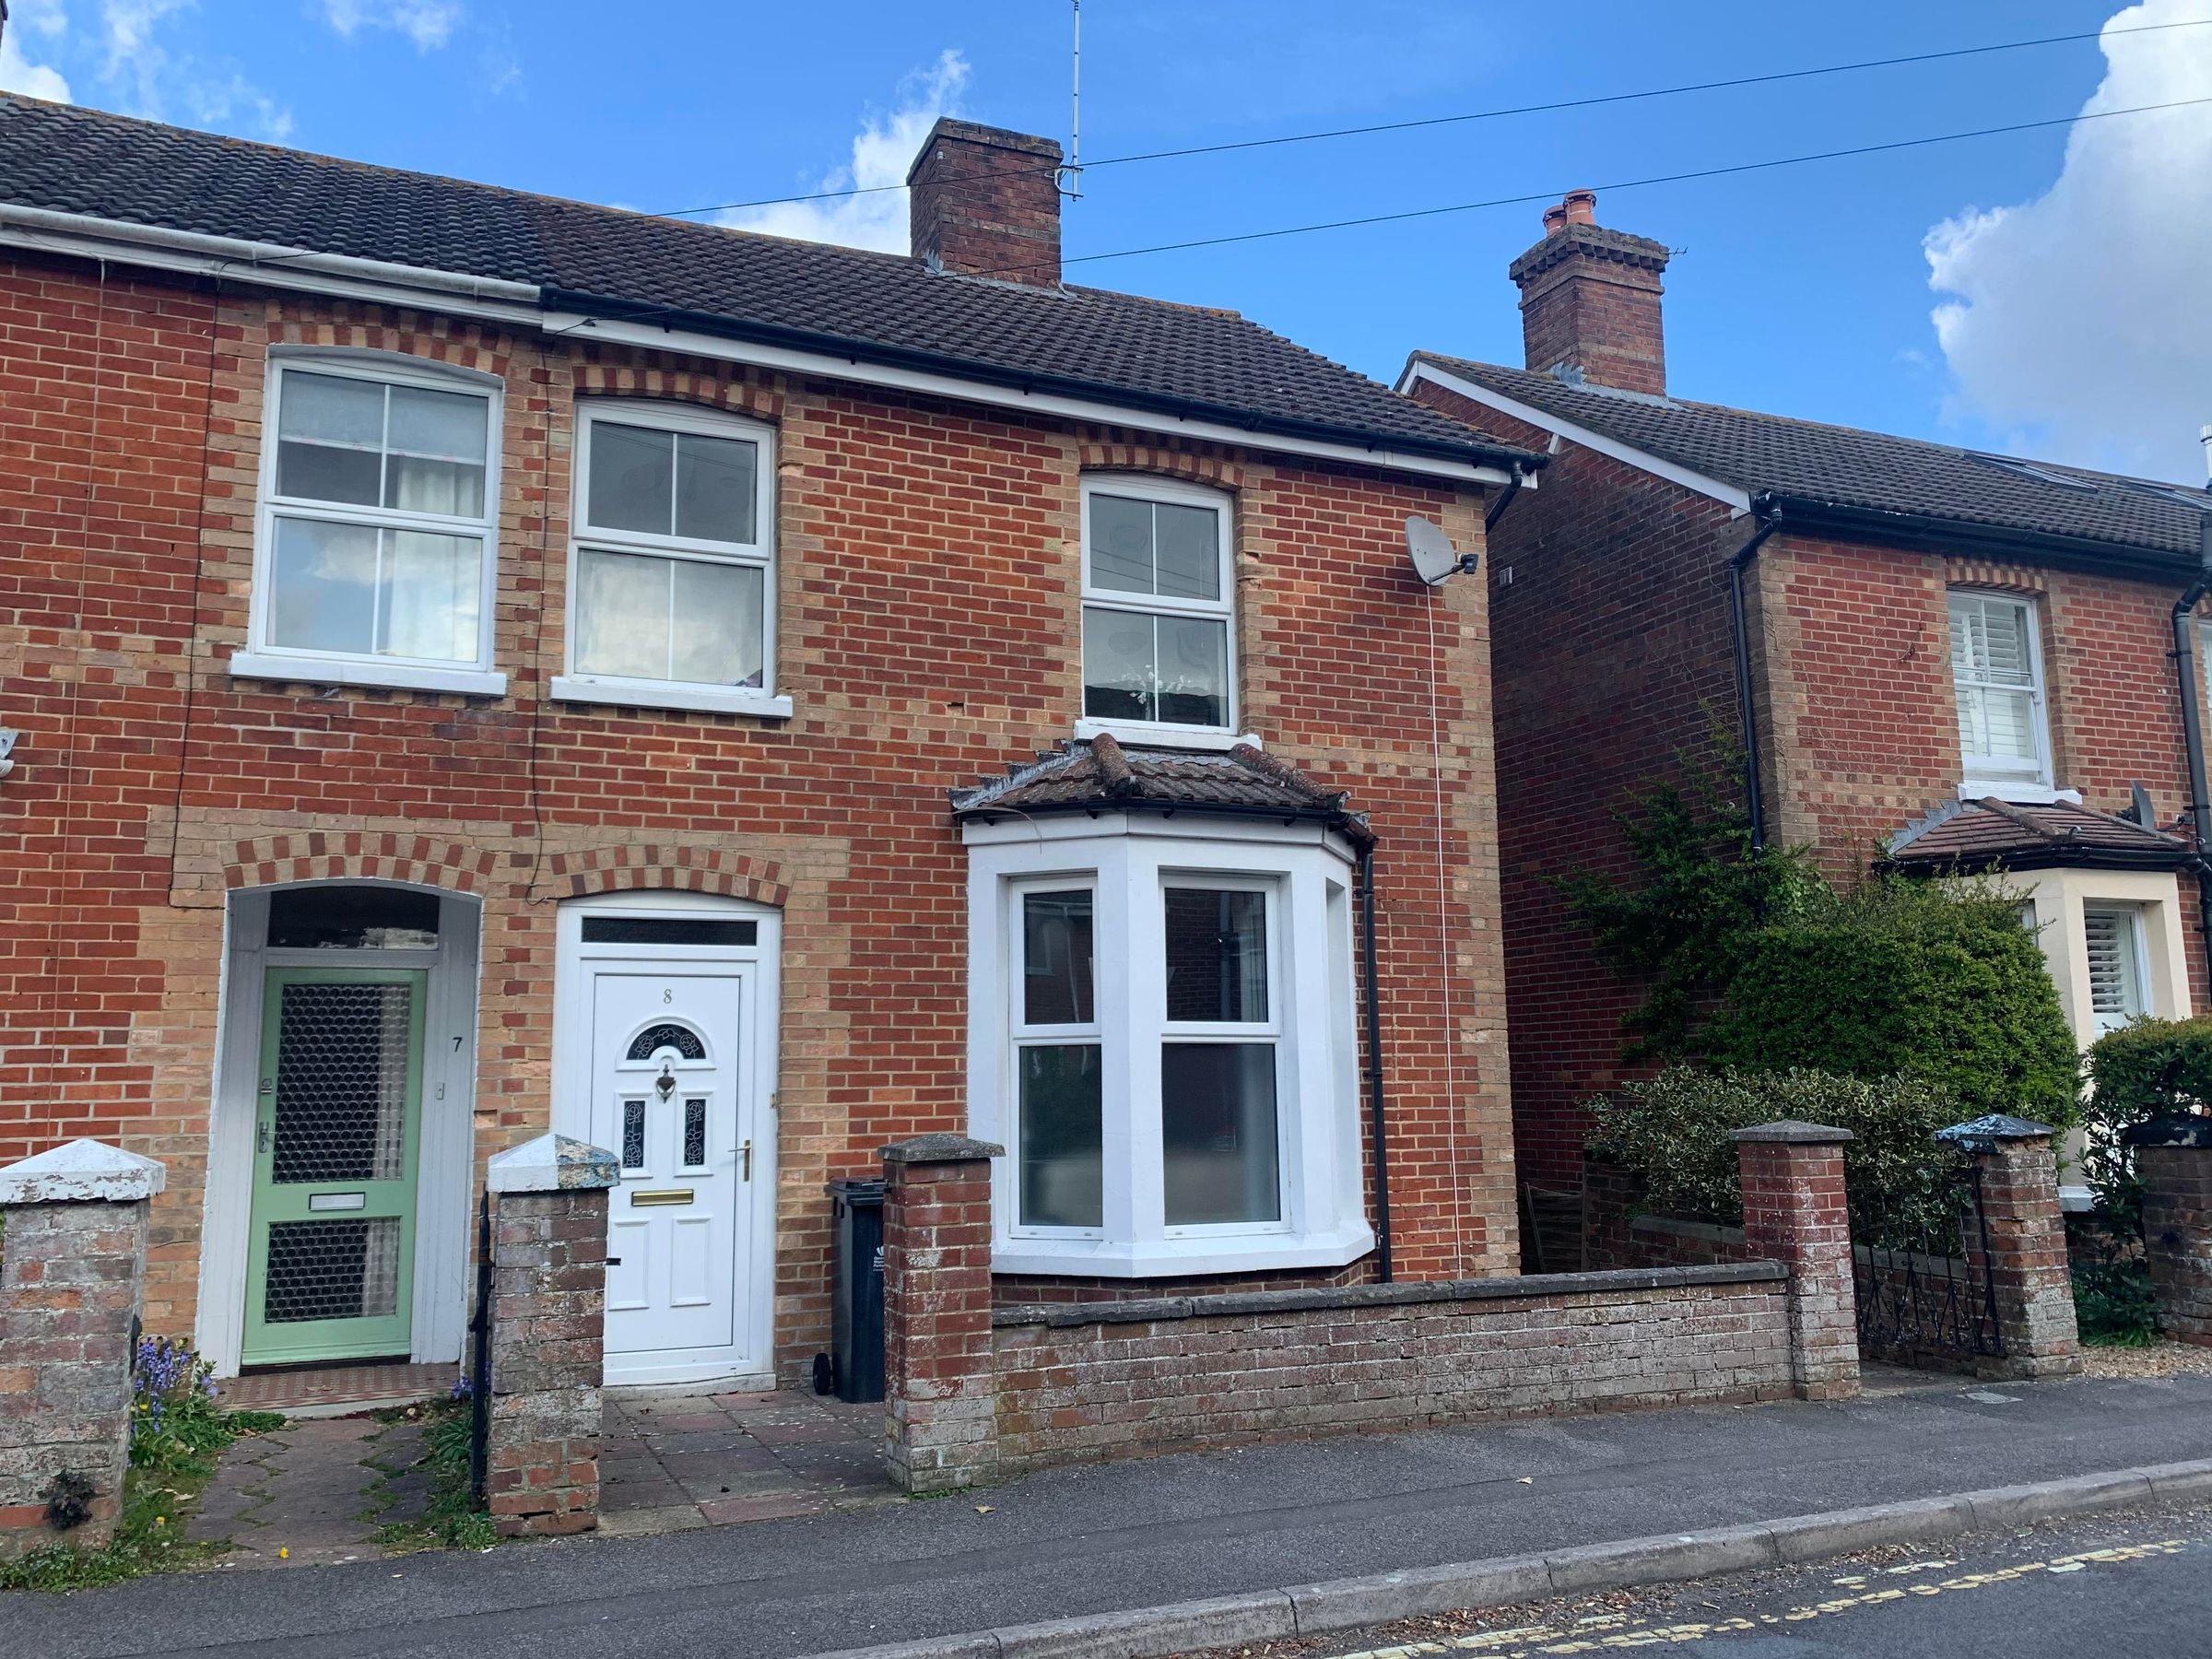 Property photo 1 of 5. Image